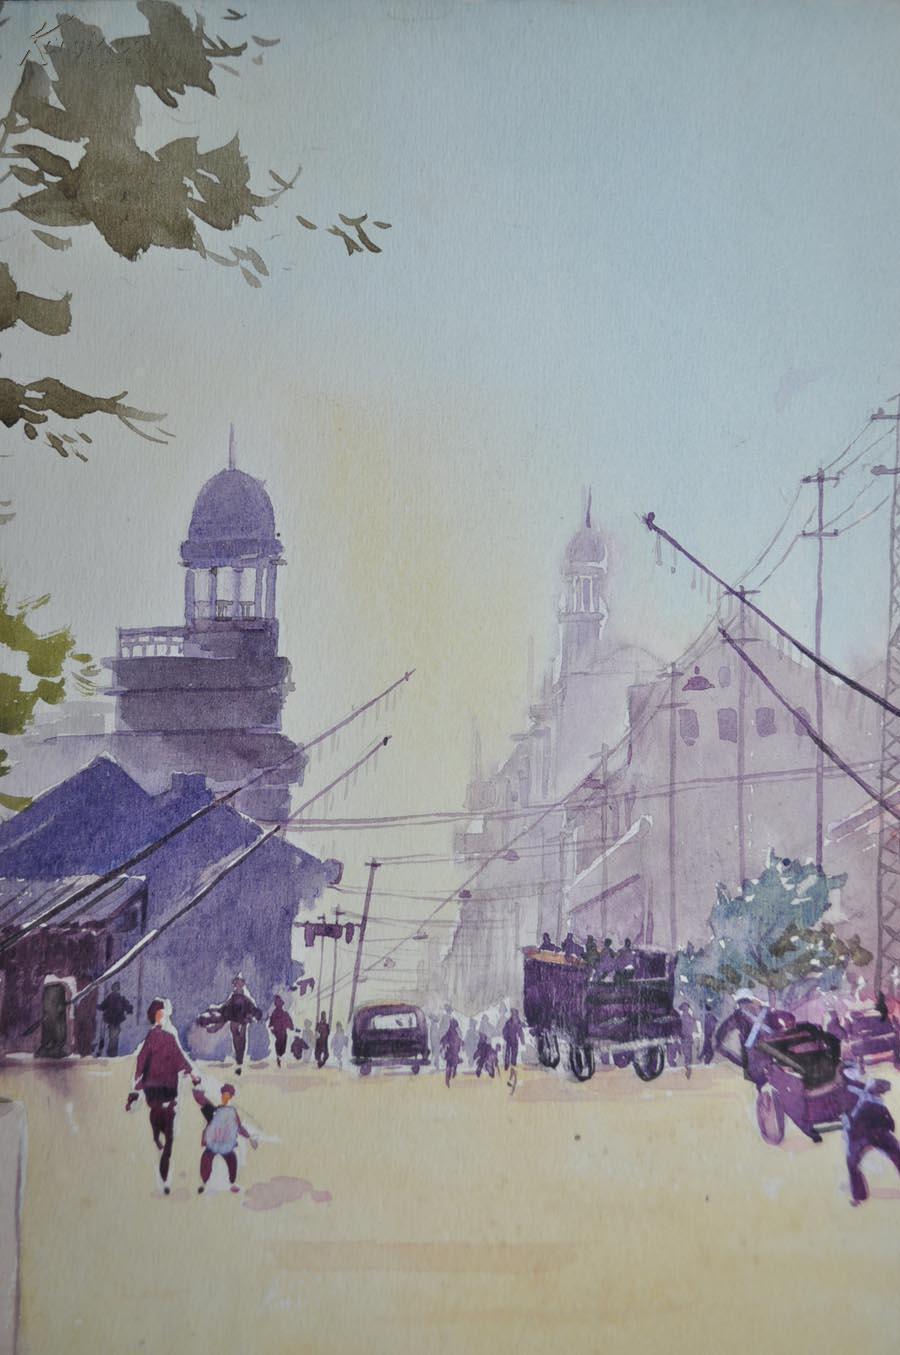 【金雪尘】50年代 上海街景写生 水彩画 保真图片